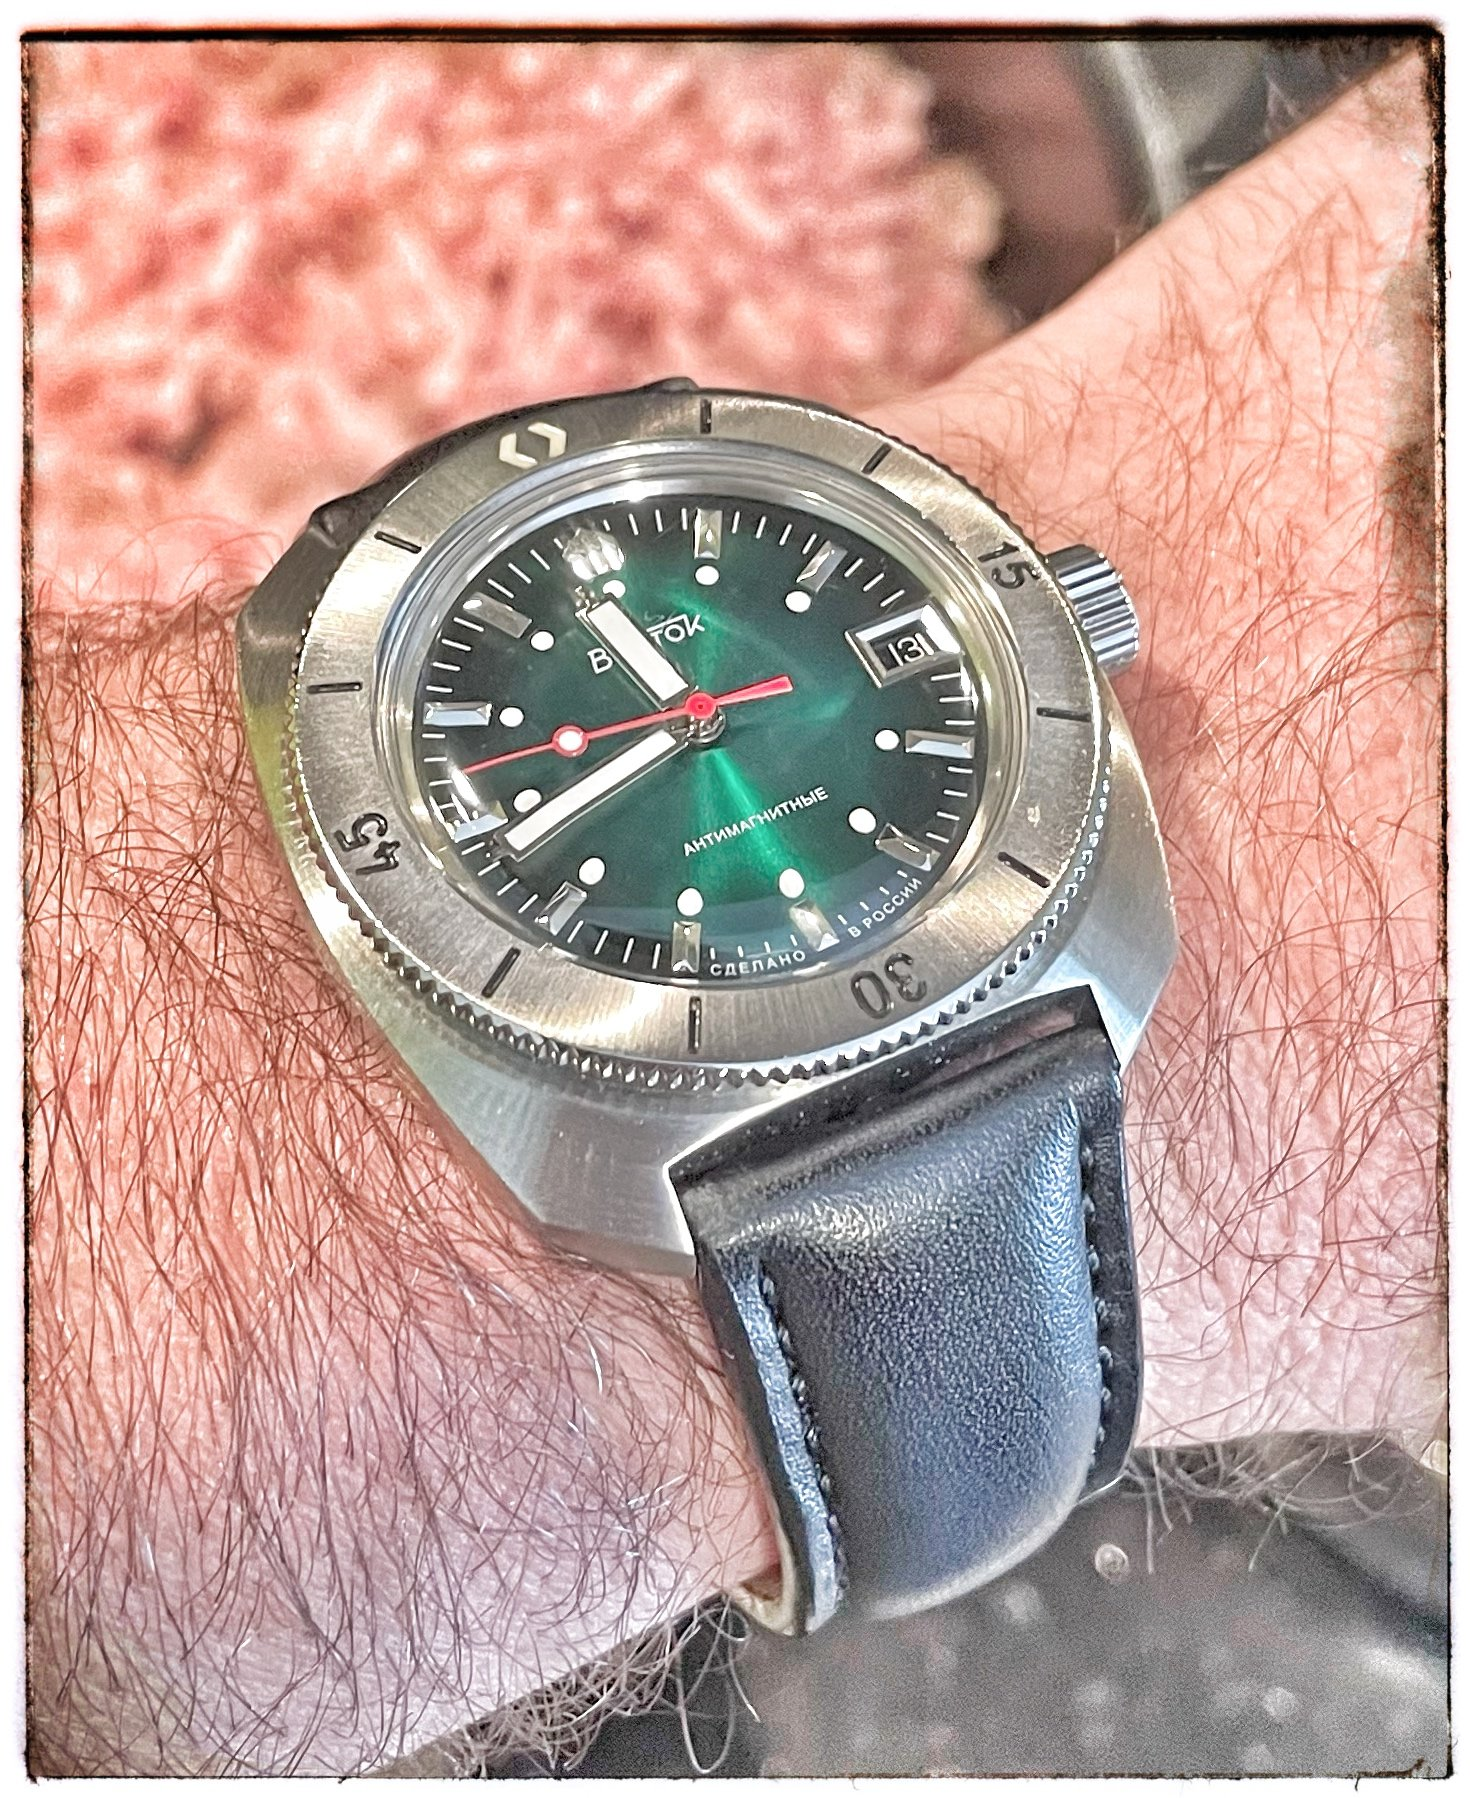 Le bistrot Vostok (pour papoter autour de la marque) - Page 25 210513124529259966